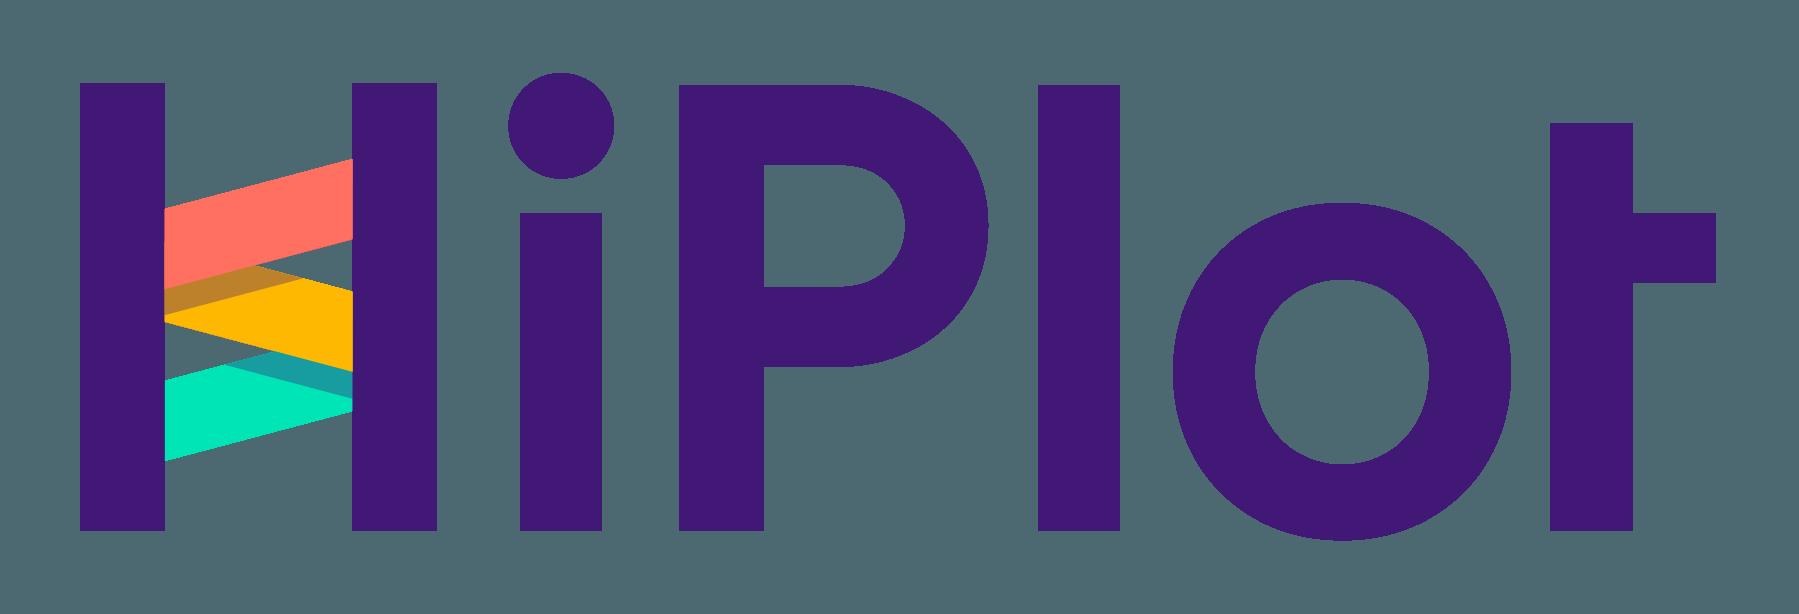 高维数据解析 HiPlot